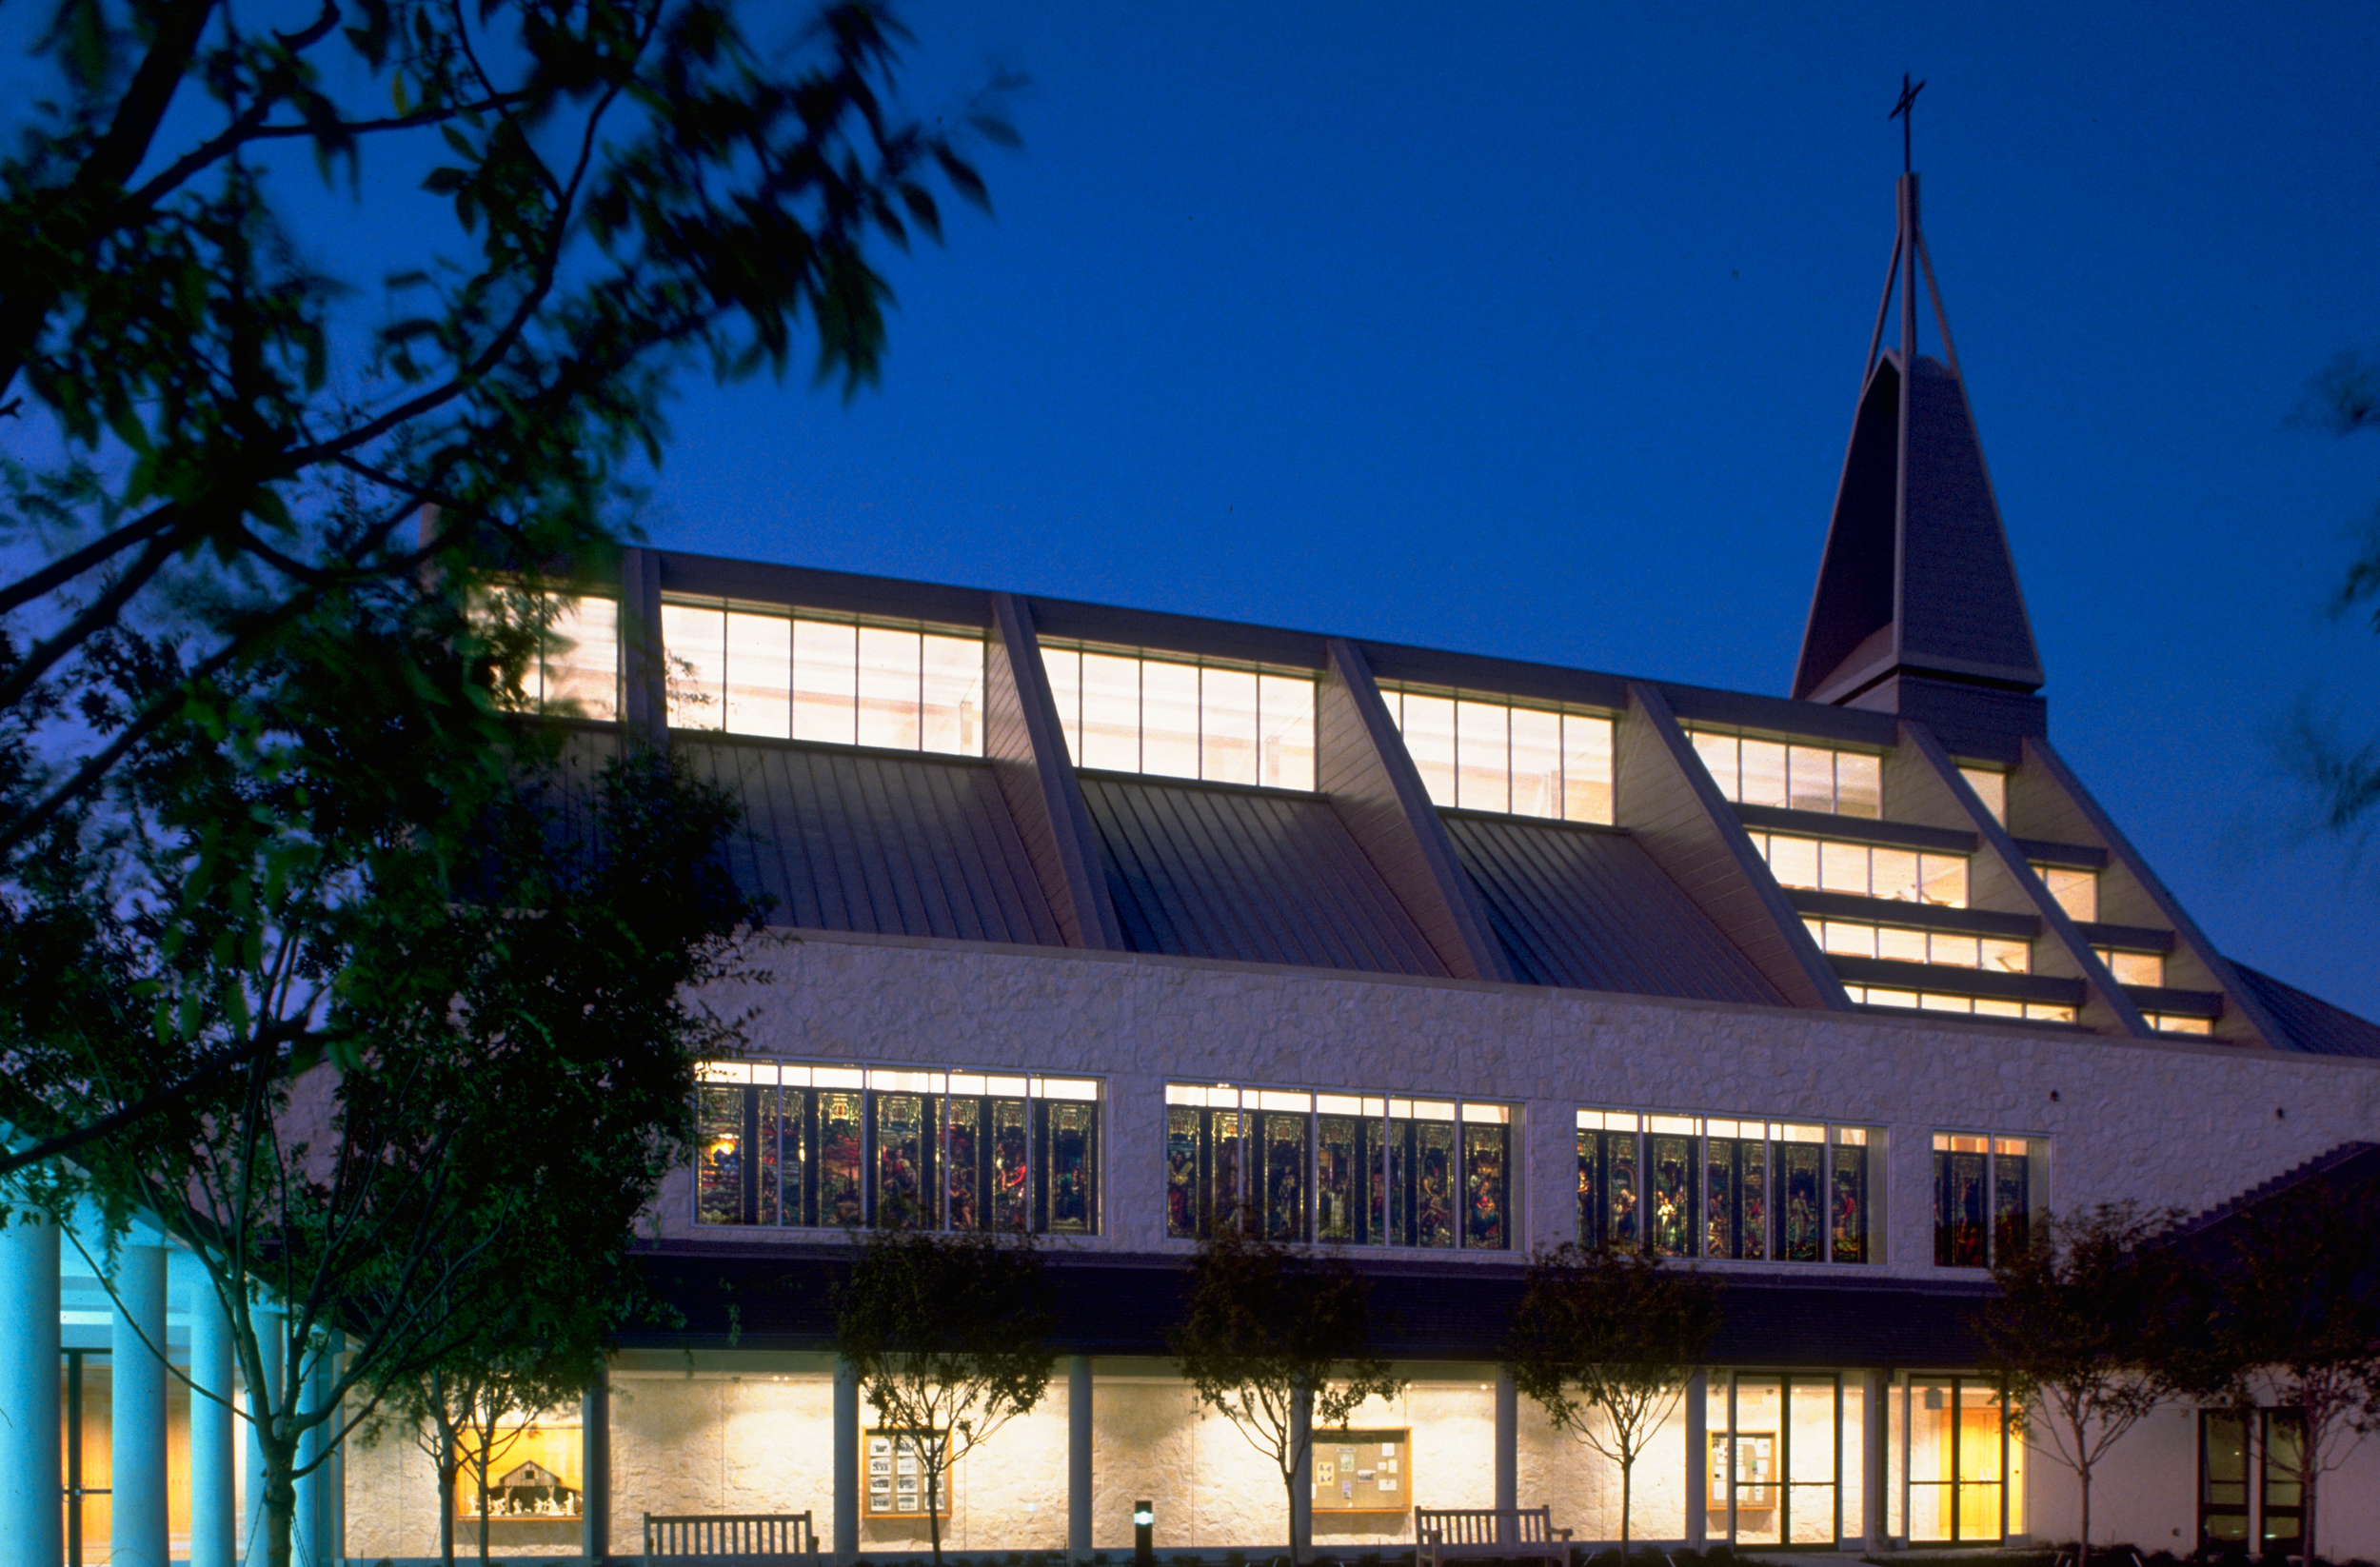 NorthPark Presbyterian